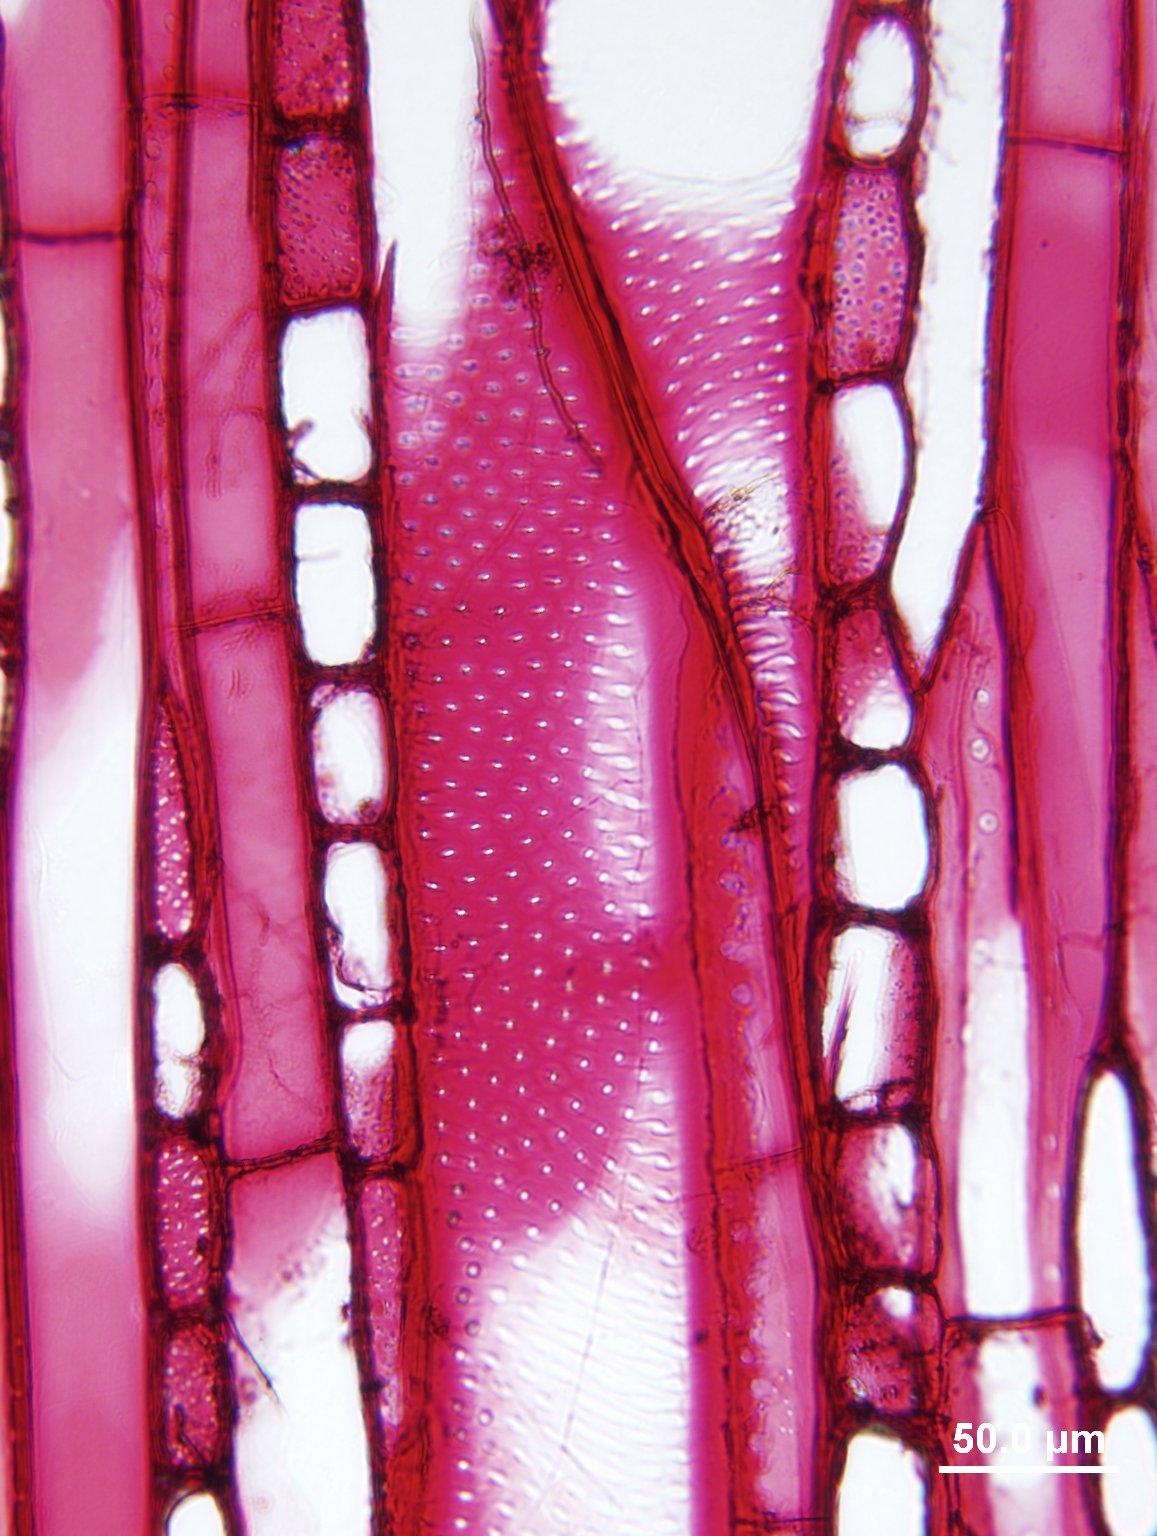 EUPHORBIACEAE Sapium glandulosum